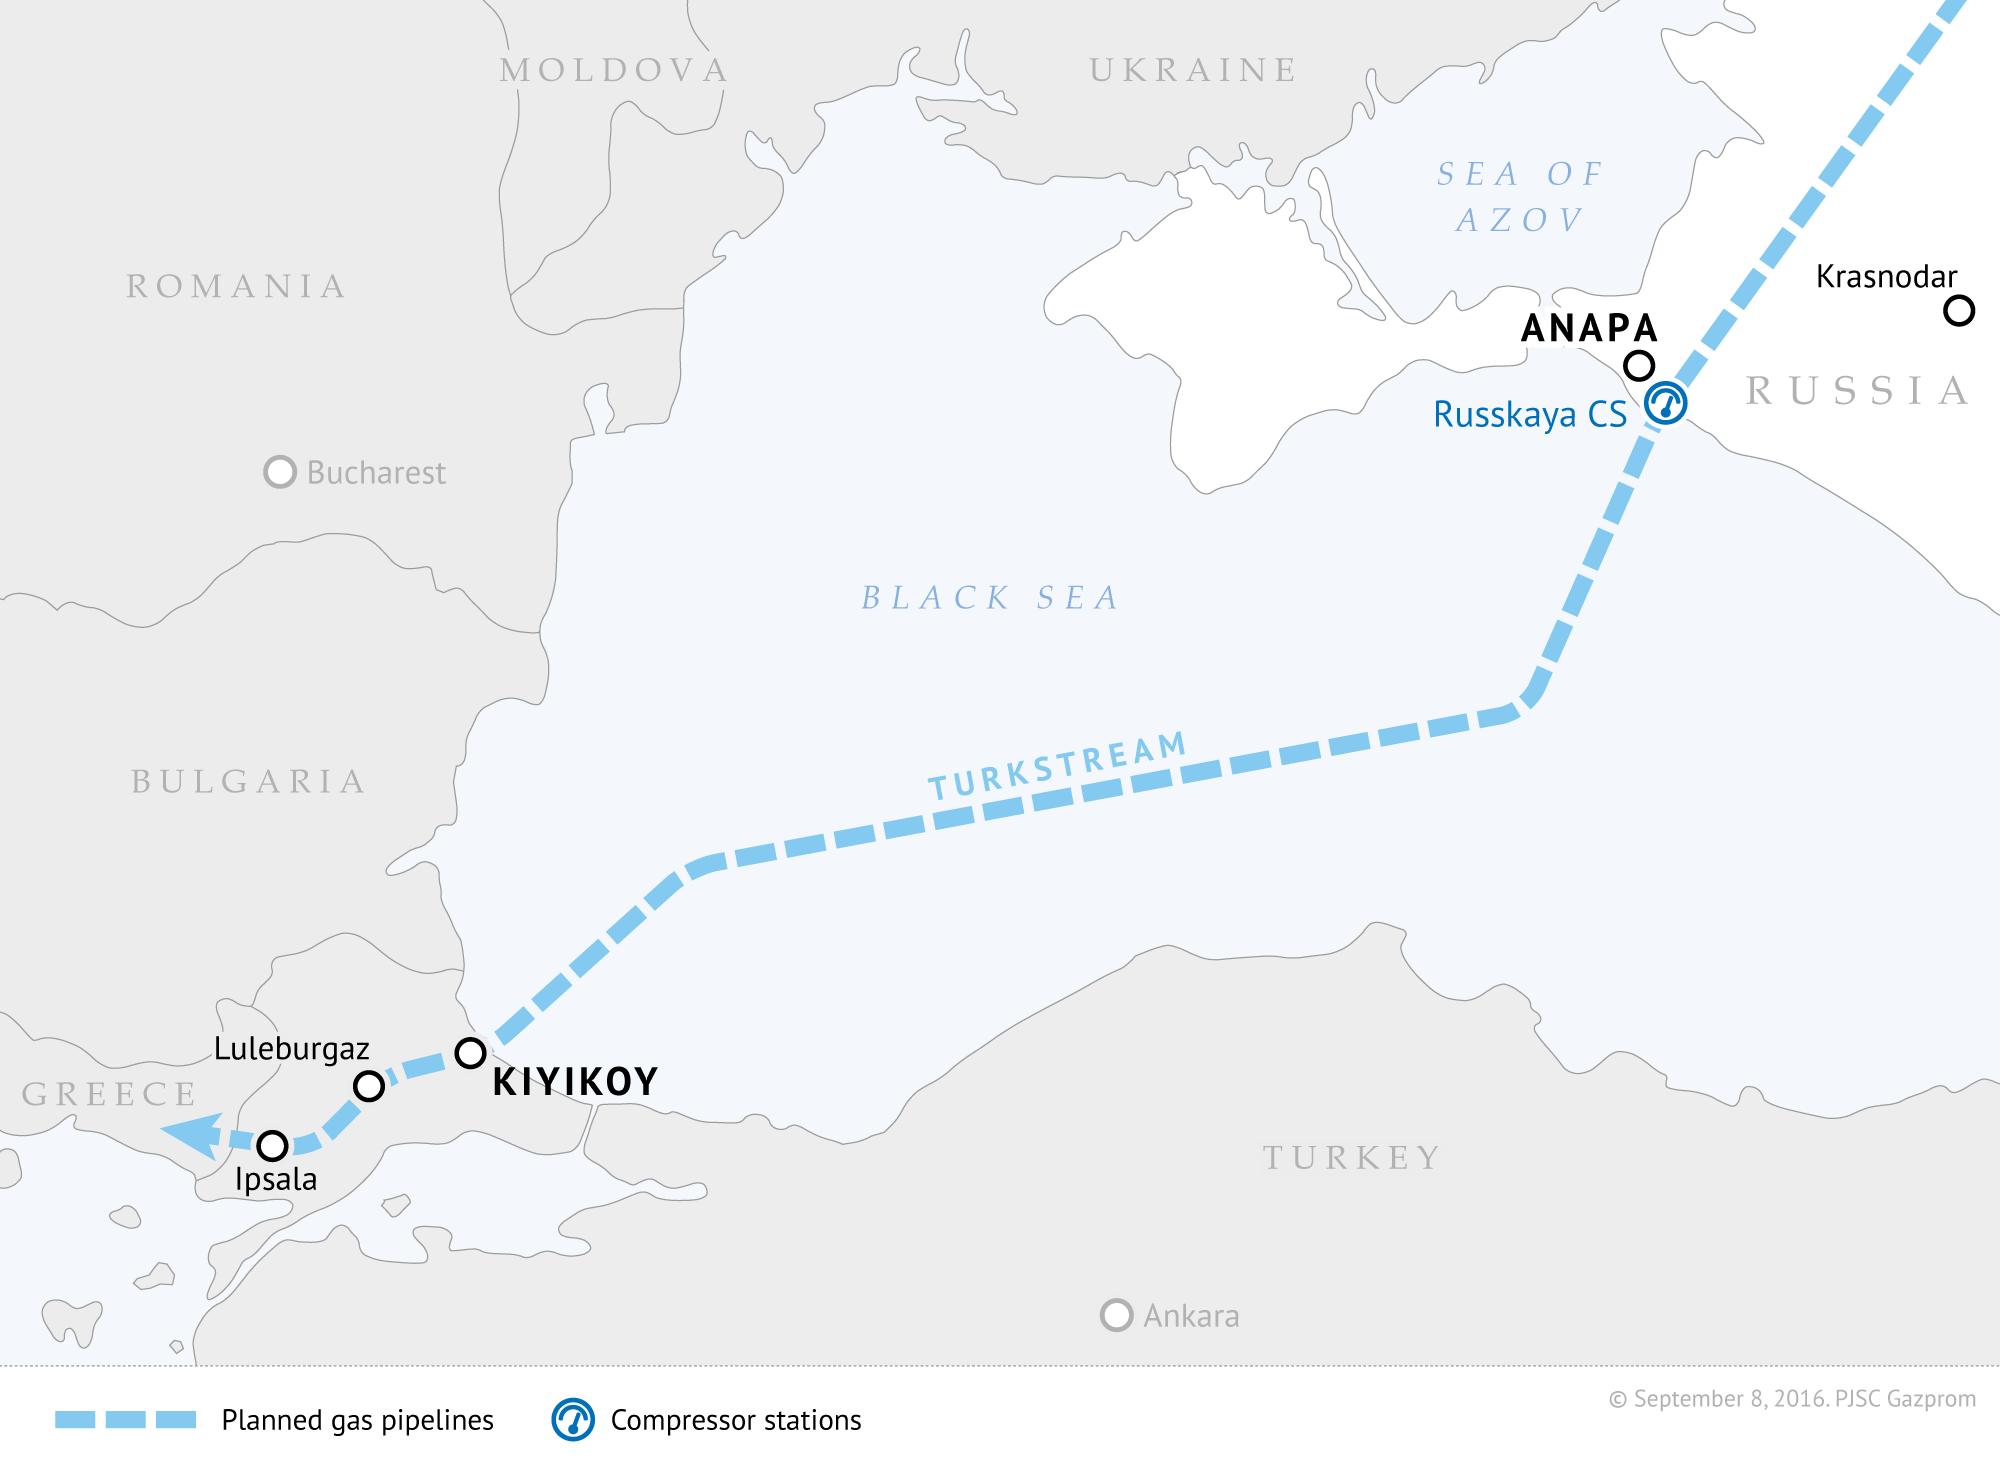 TurkStream in Bulgaria attracts interest of Russian company